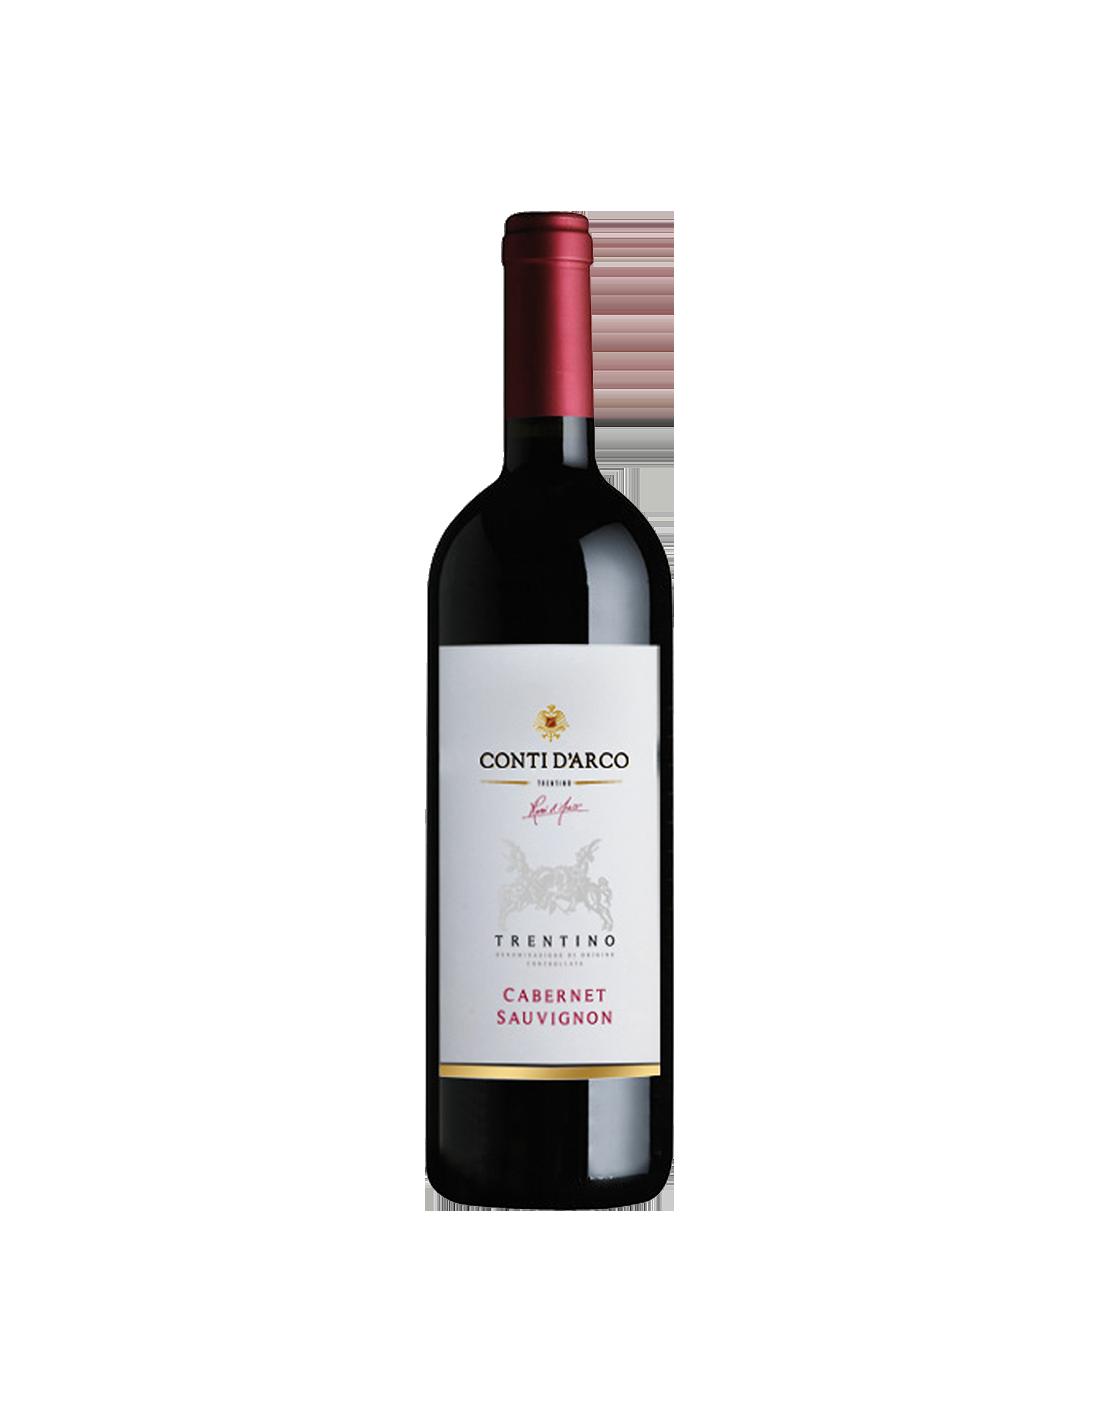 Vin rosu, Cabernet Sauvignon, Conti d'Arco Trentino, 0.75L, Italia